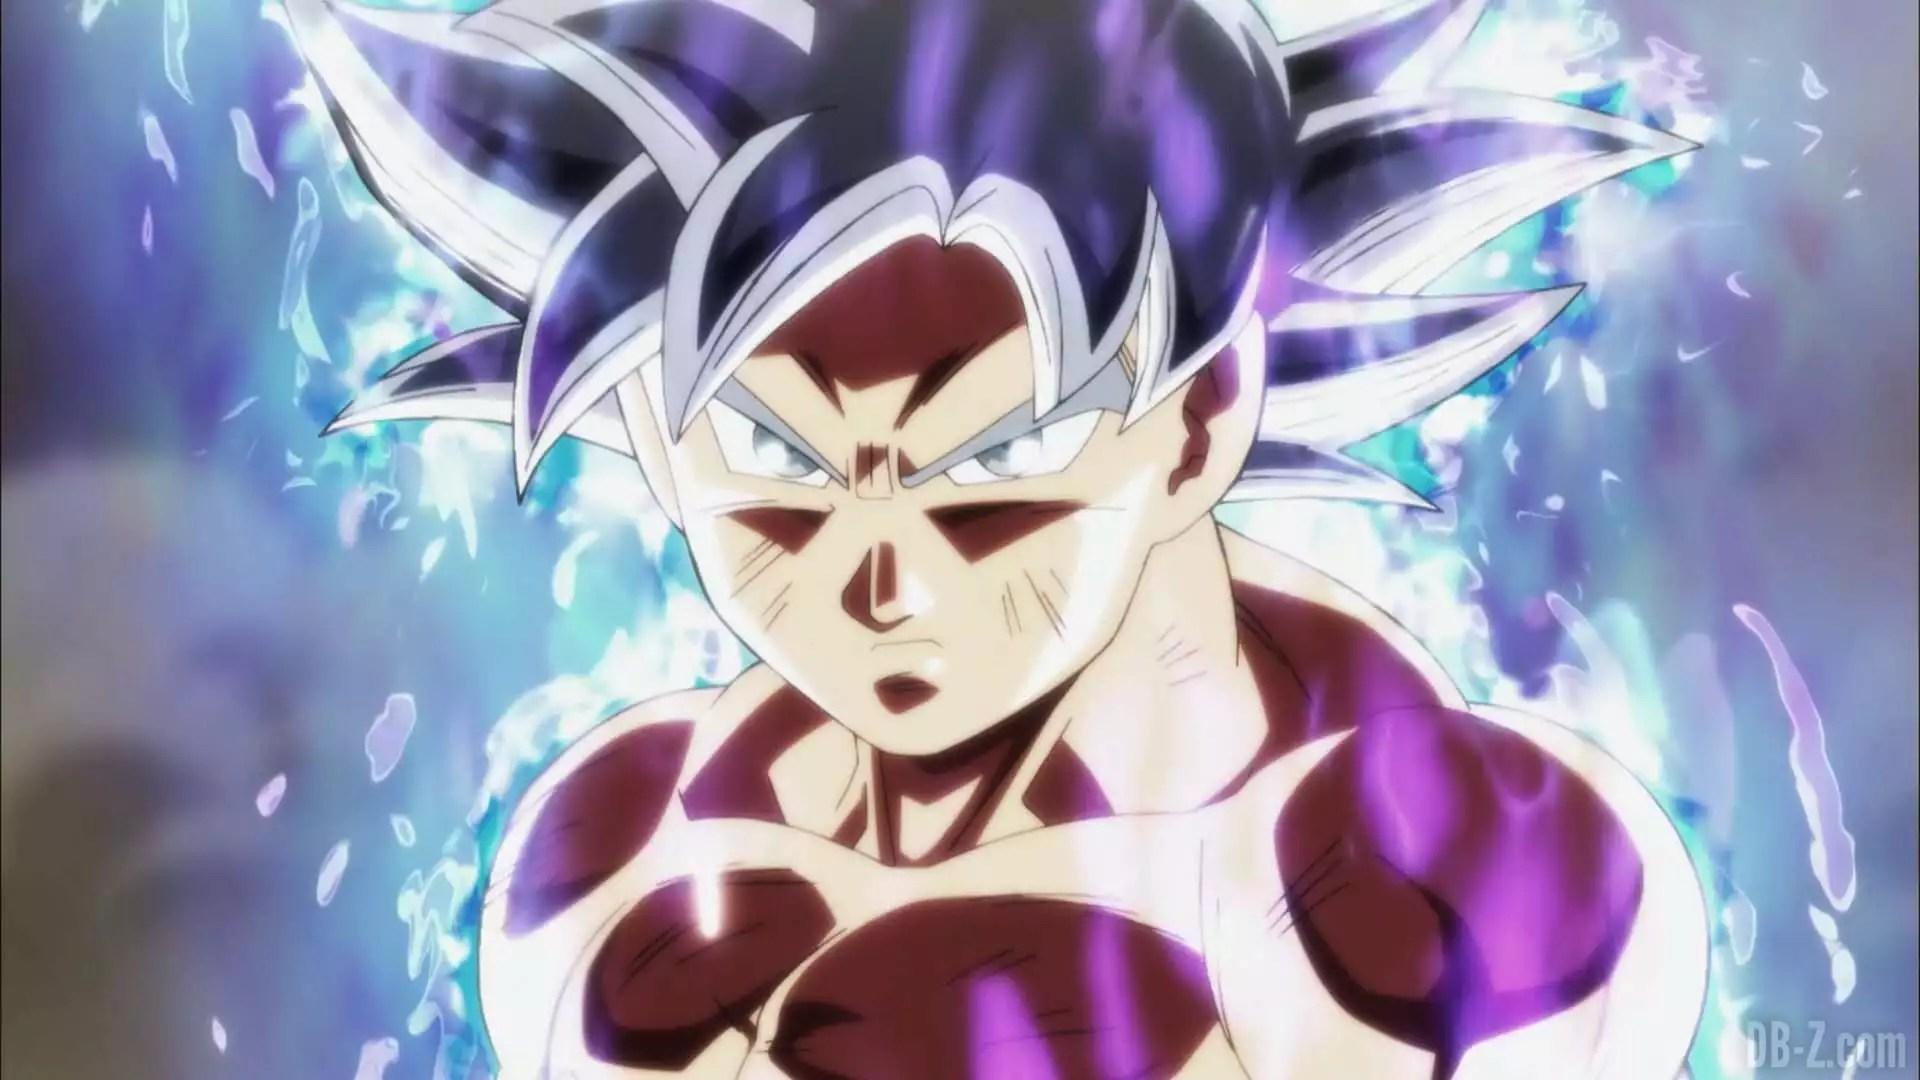 Dragon Ball Super Incrvel Figura De Goku Com Instinto Superior Completo Revelada